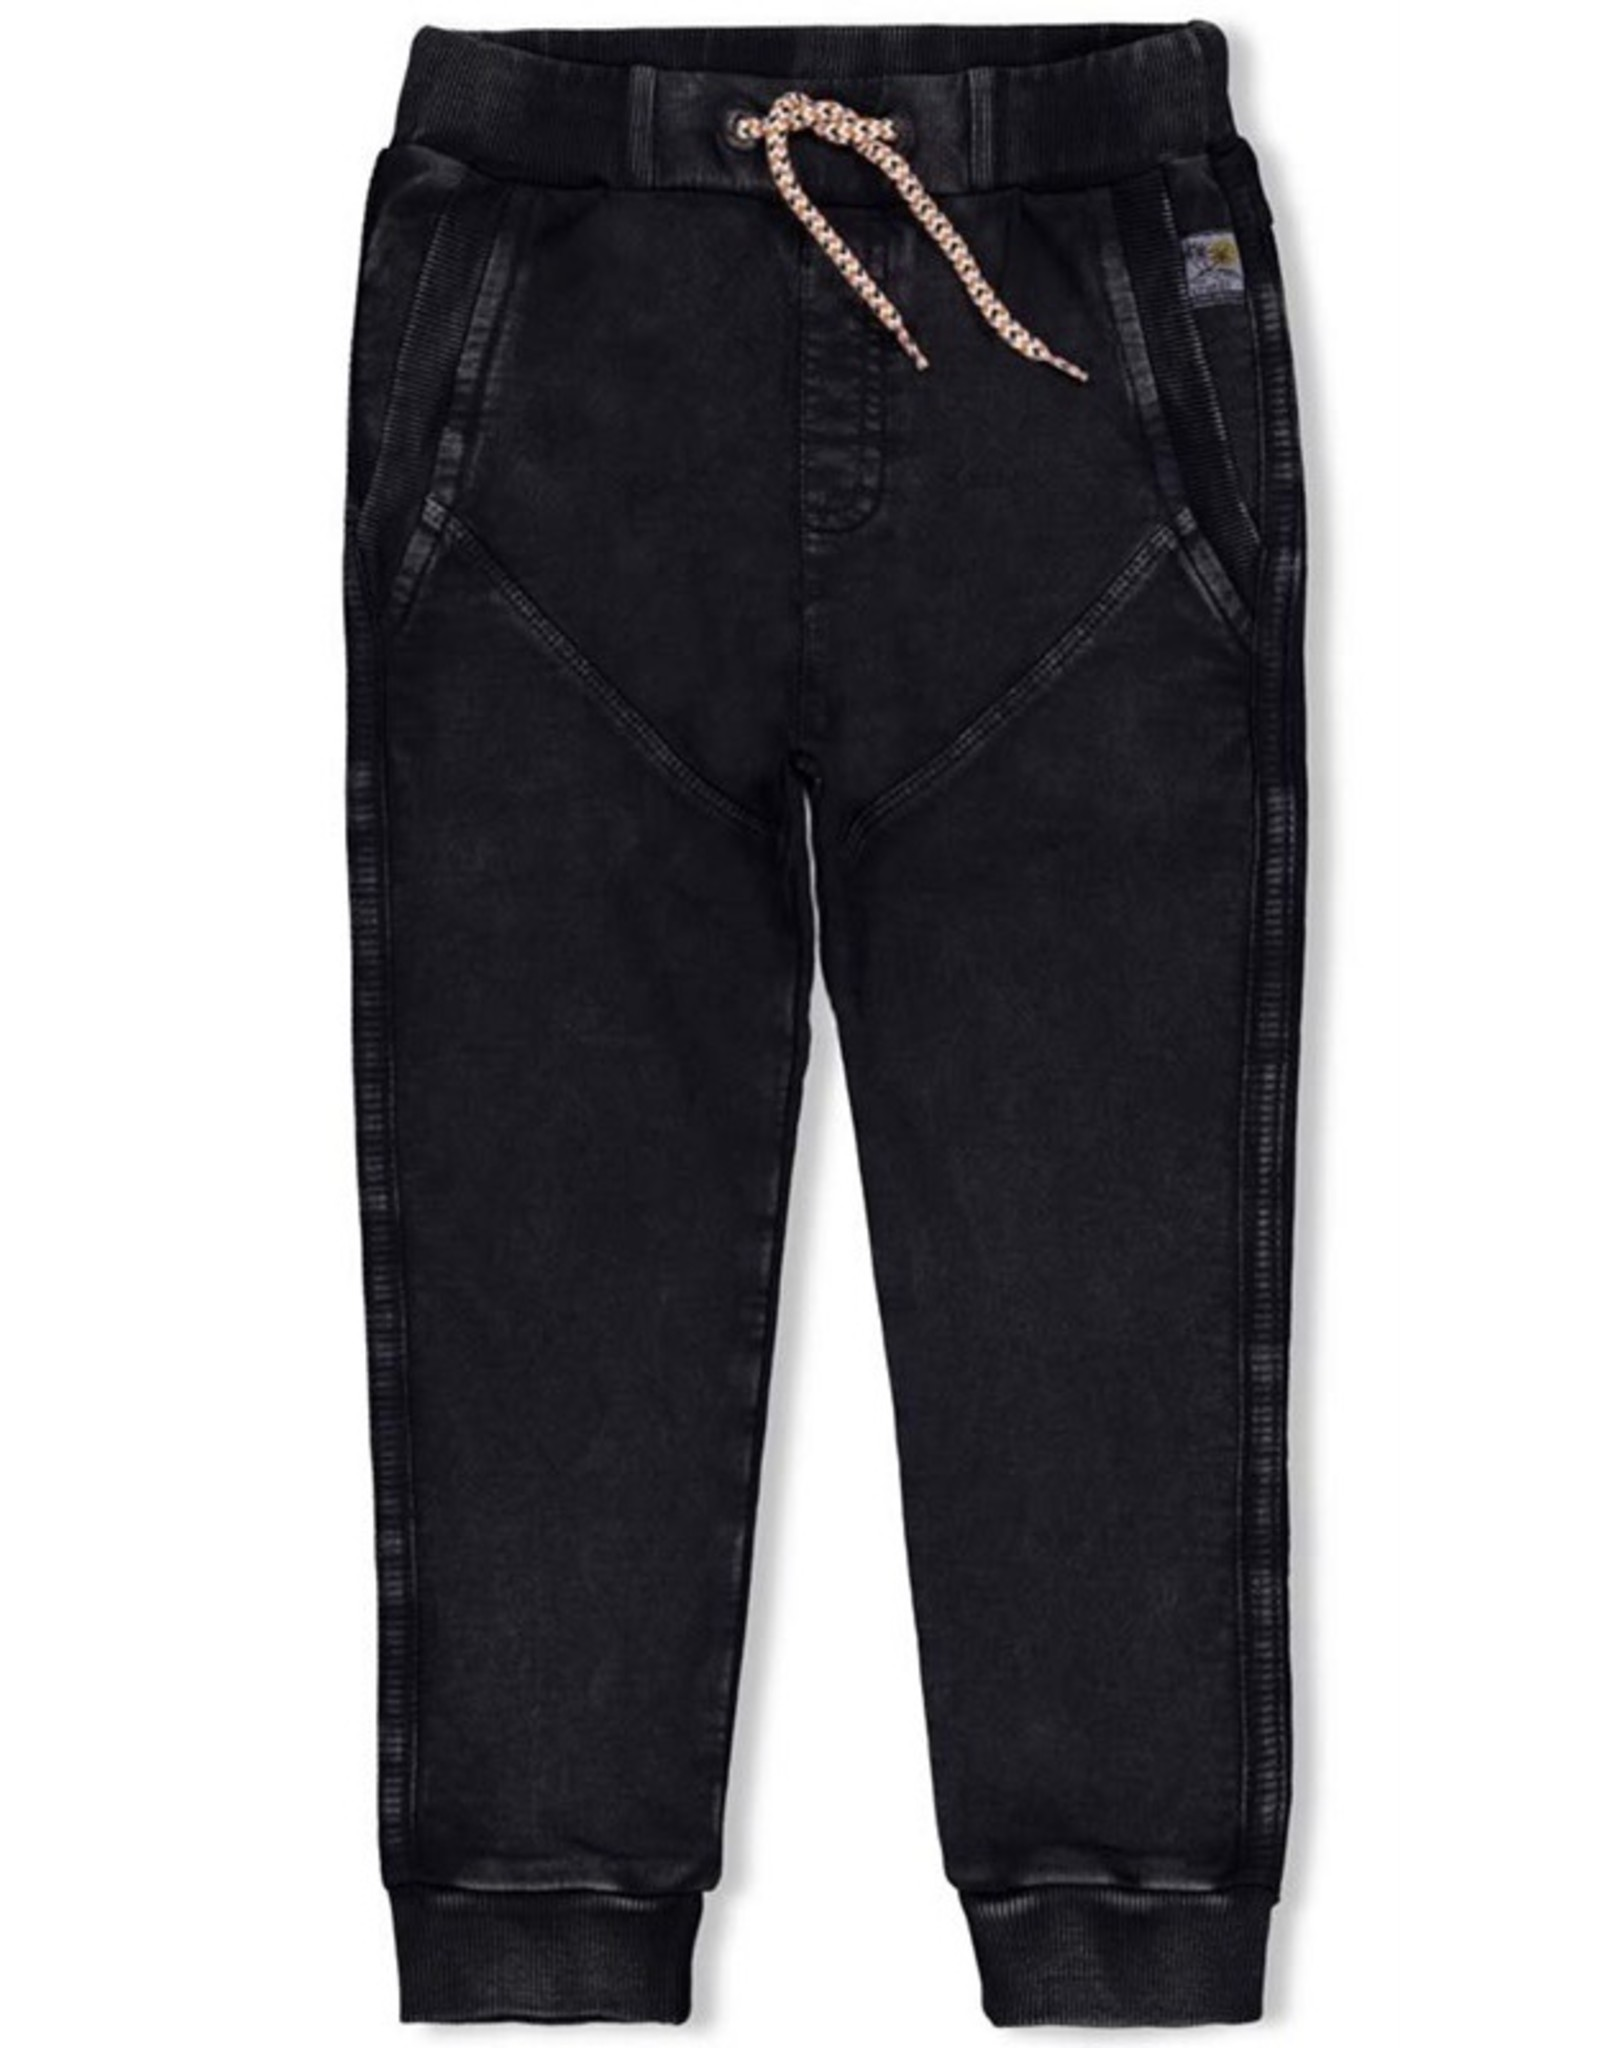 Sturdy 72200155 Sweatpants